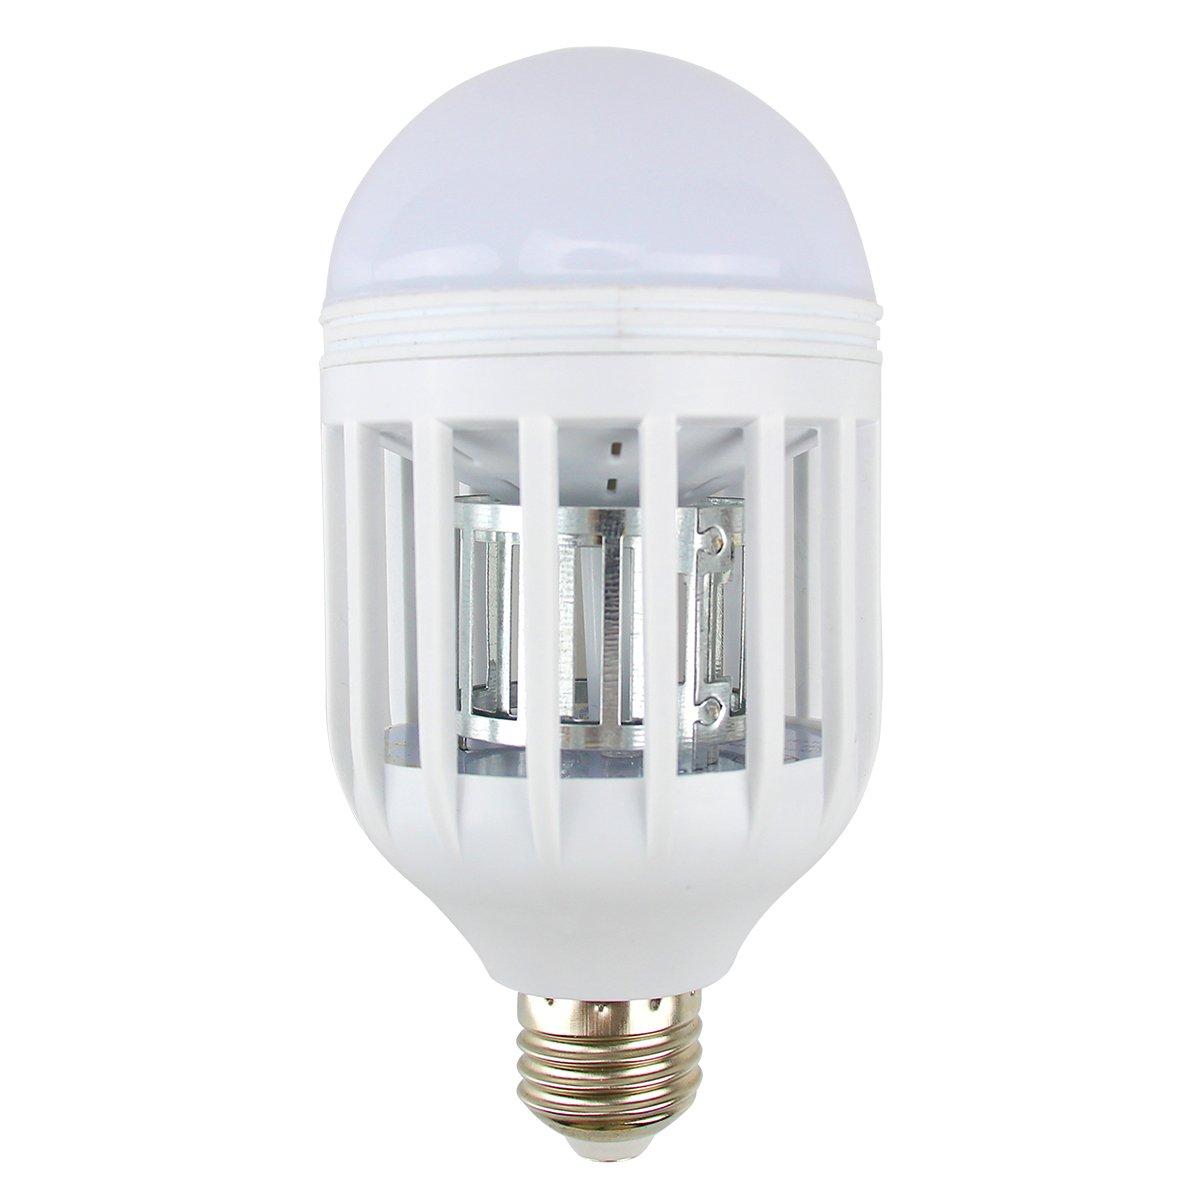 Unicoco Bombilla de Luz Antimosquito LED Foco Lámpara Anti-Insectos Cocina Patio Jardín 110V 15W: Amazon.es: Hogar